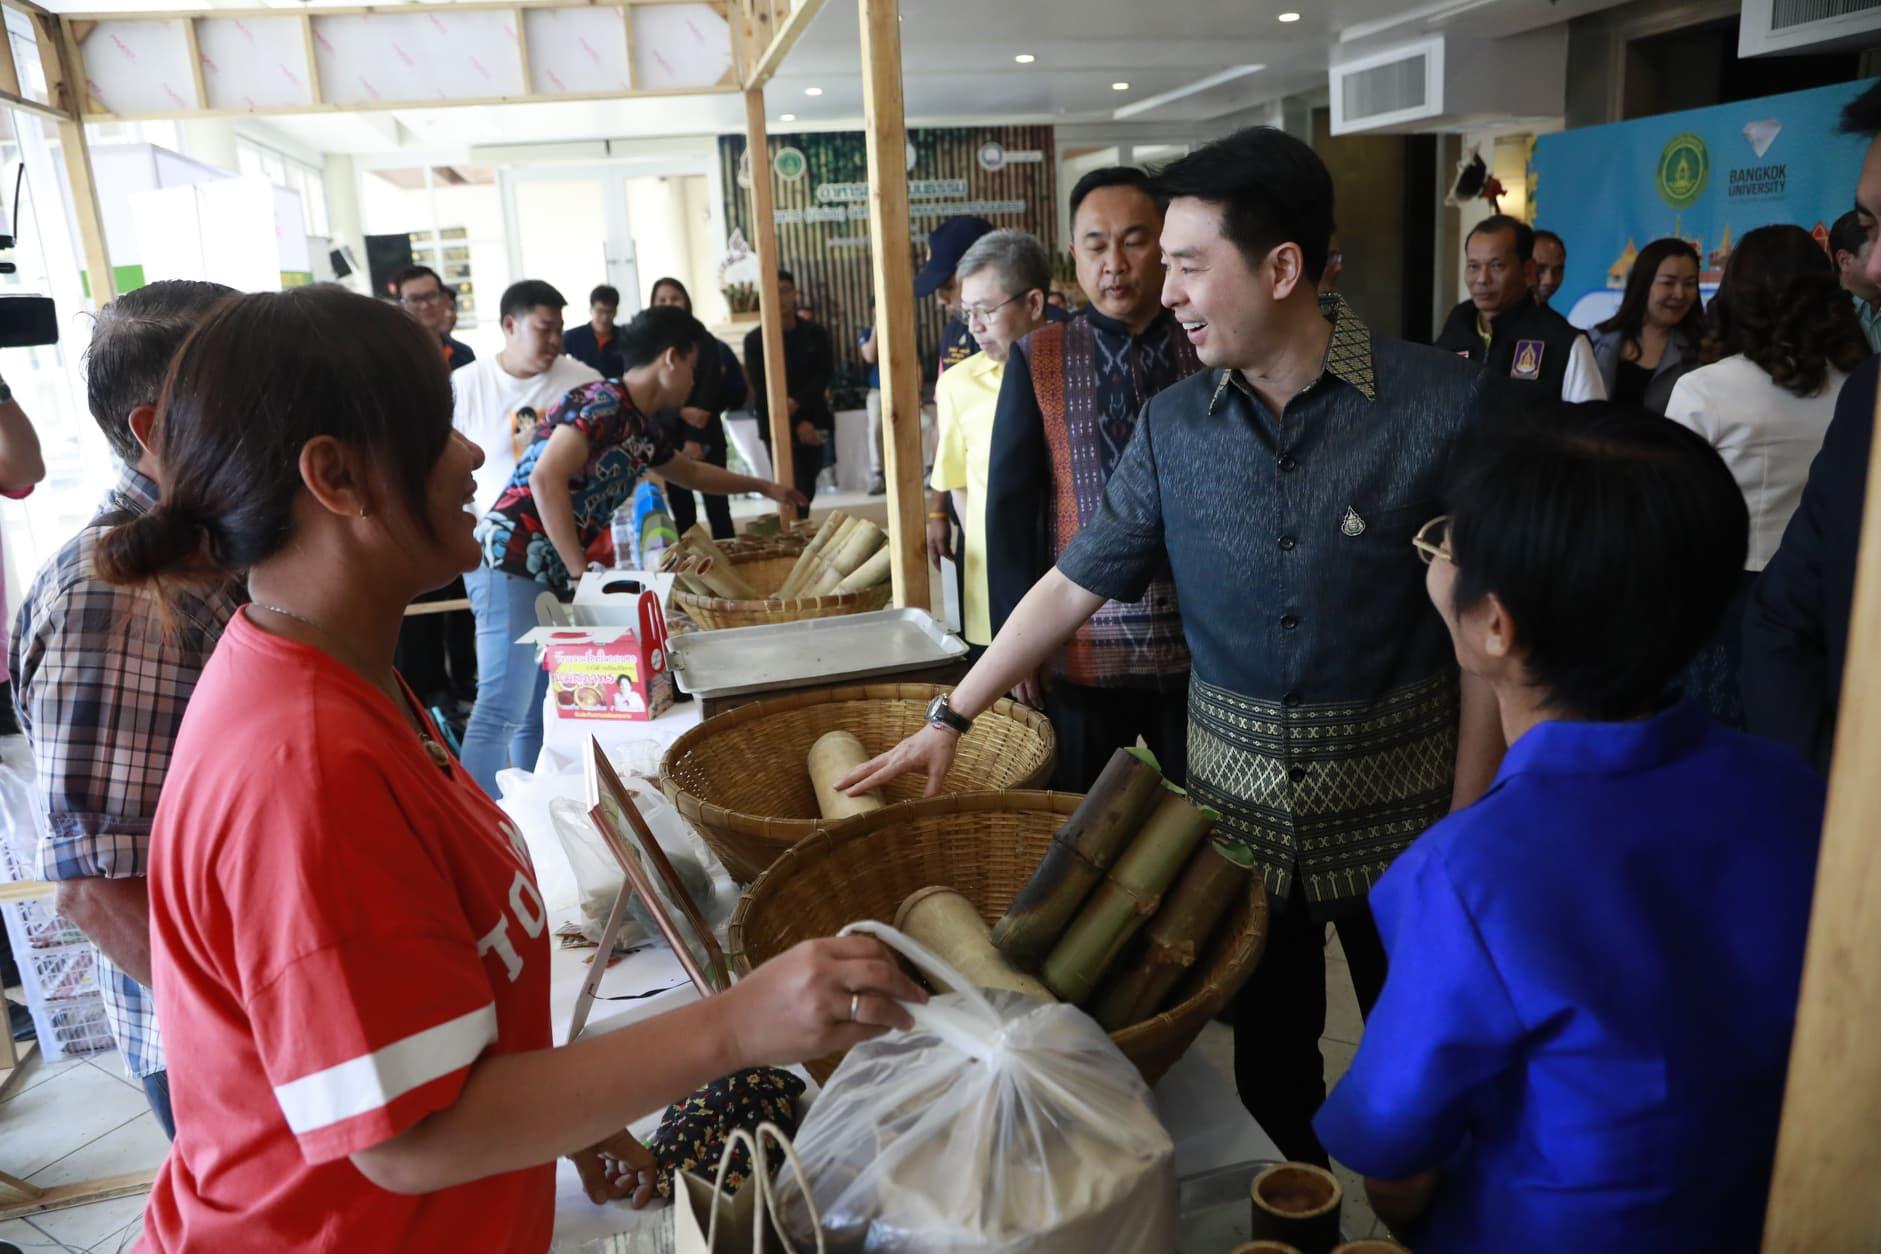 """ก.วัฒนธรรมนำร่อง เลือก""""ข้าวหลามหนองมน สับปะรดศรีราชา หมึกแดดเดียวเกาะสีชัง"""" เป็นอาหารทางวัฒนธรรมไทย"""